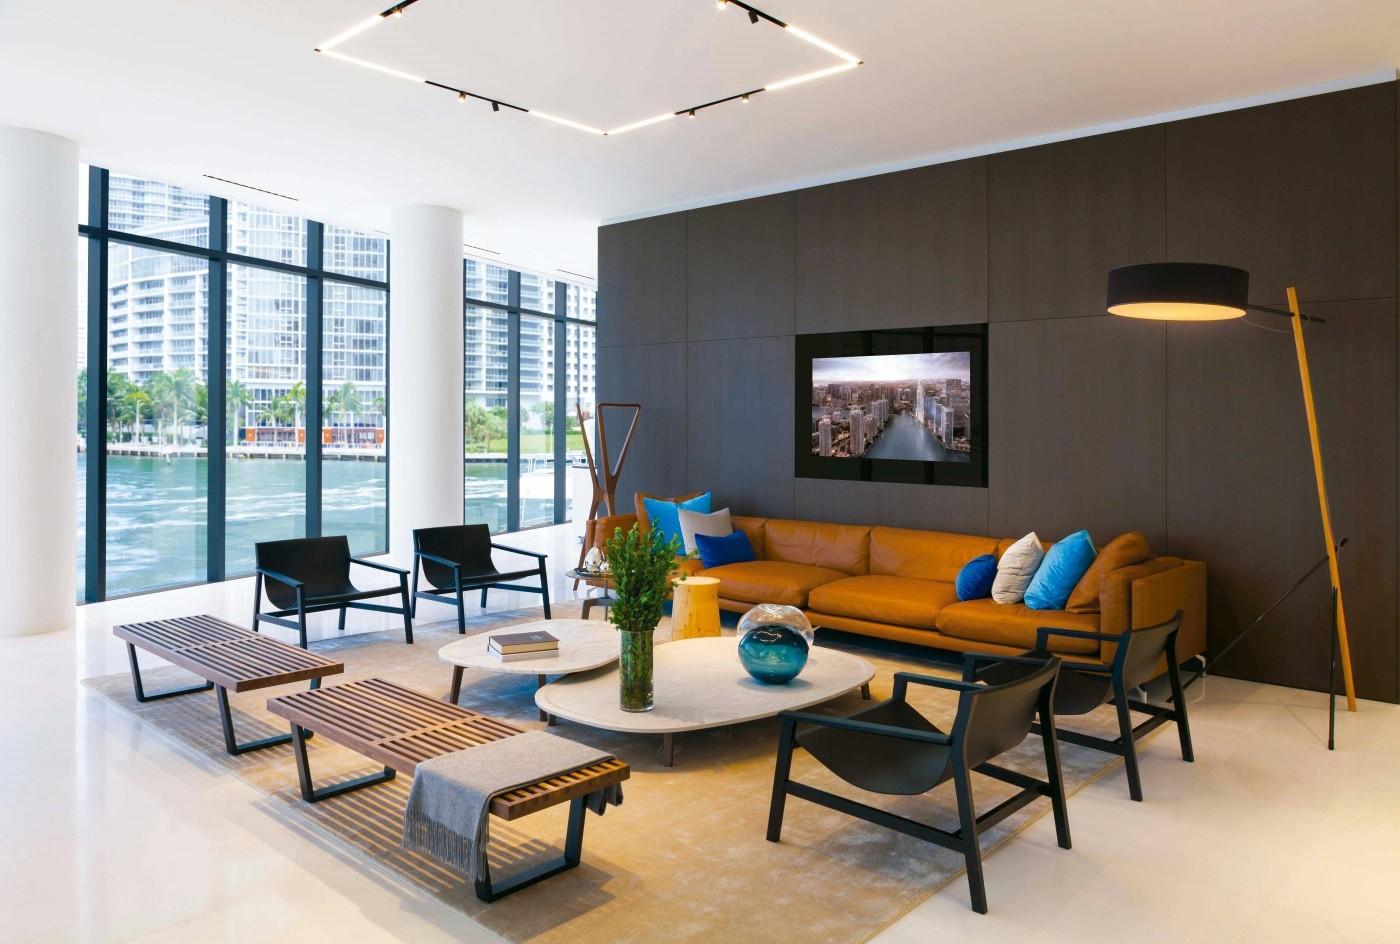 Aston-Martin-Residences-Miami-penthouse-4